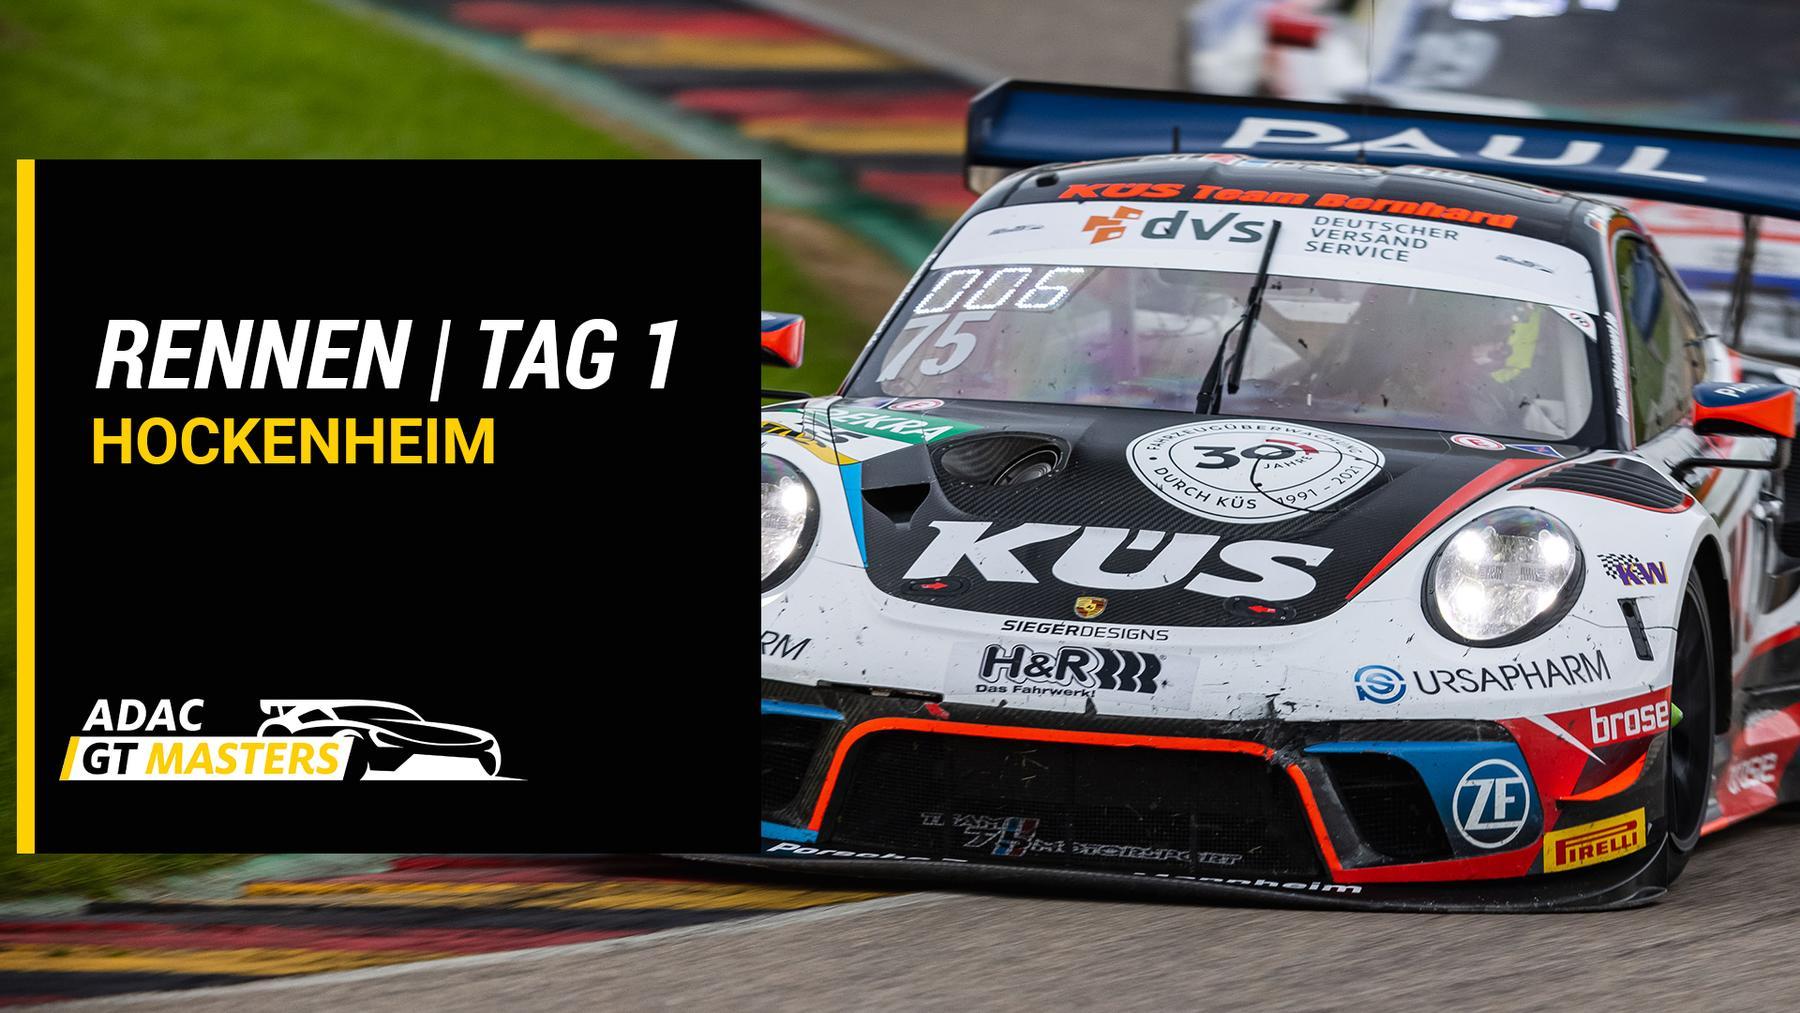 Hockenheimring - Rennen 1